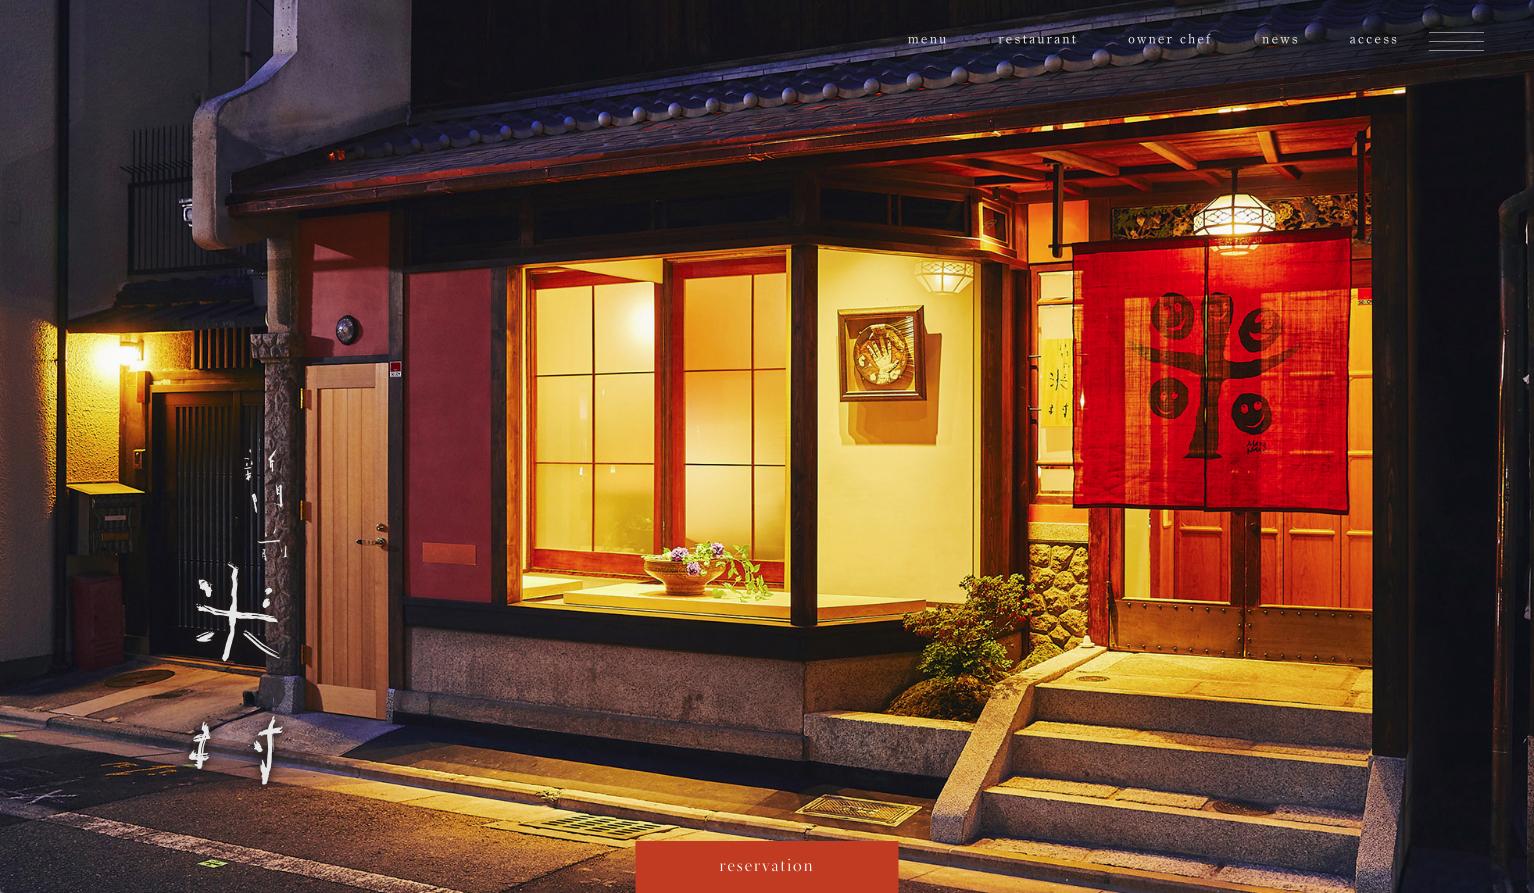 yonemura_web02.jpg